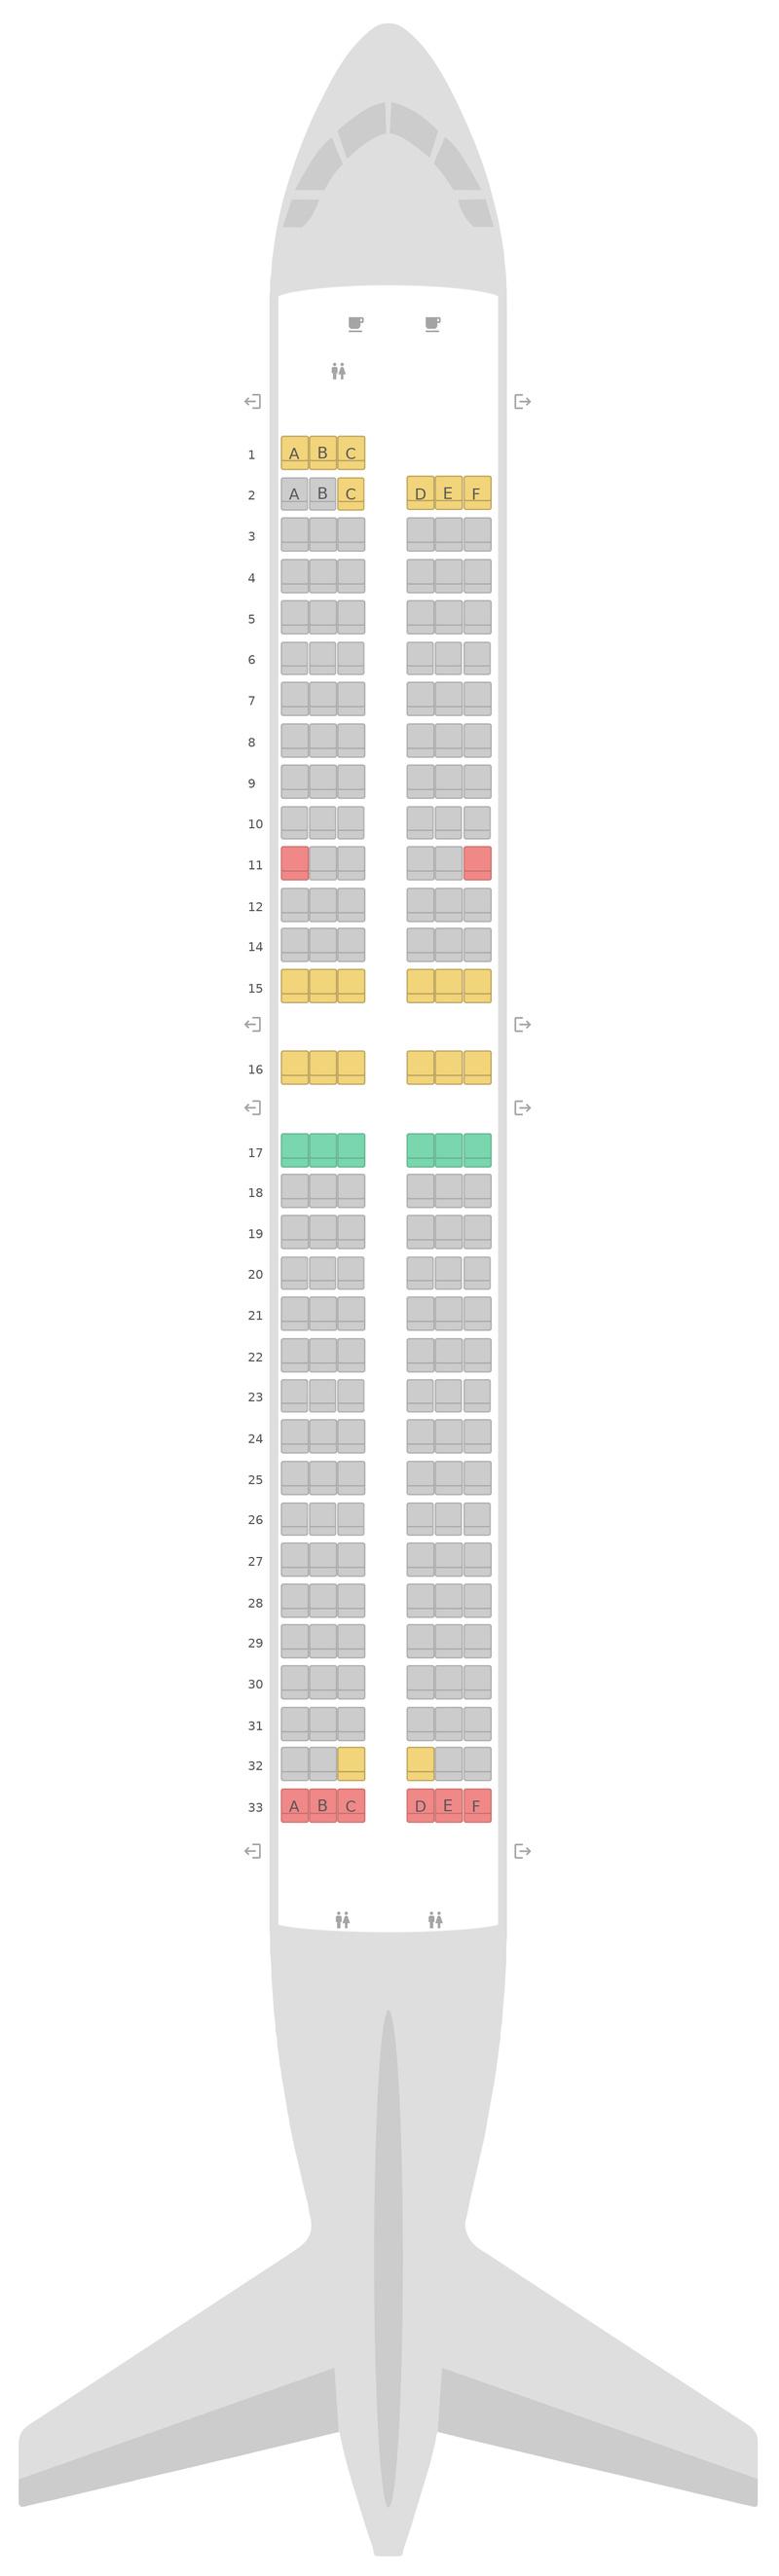 Mapa de asientos Boeing 737-800 (738) Jet2.com